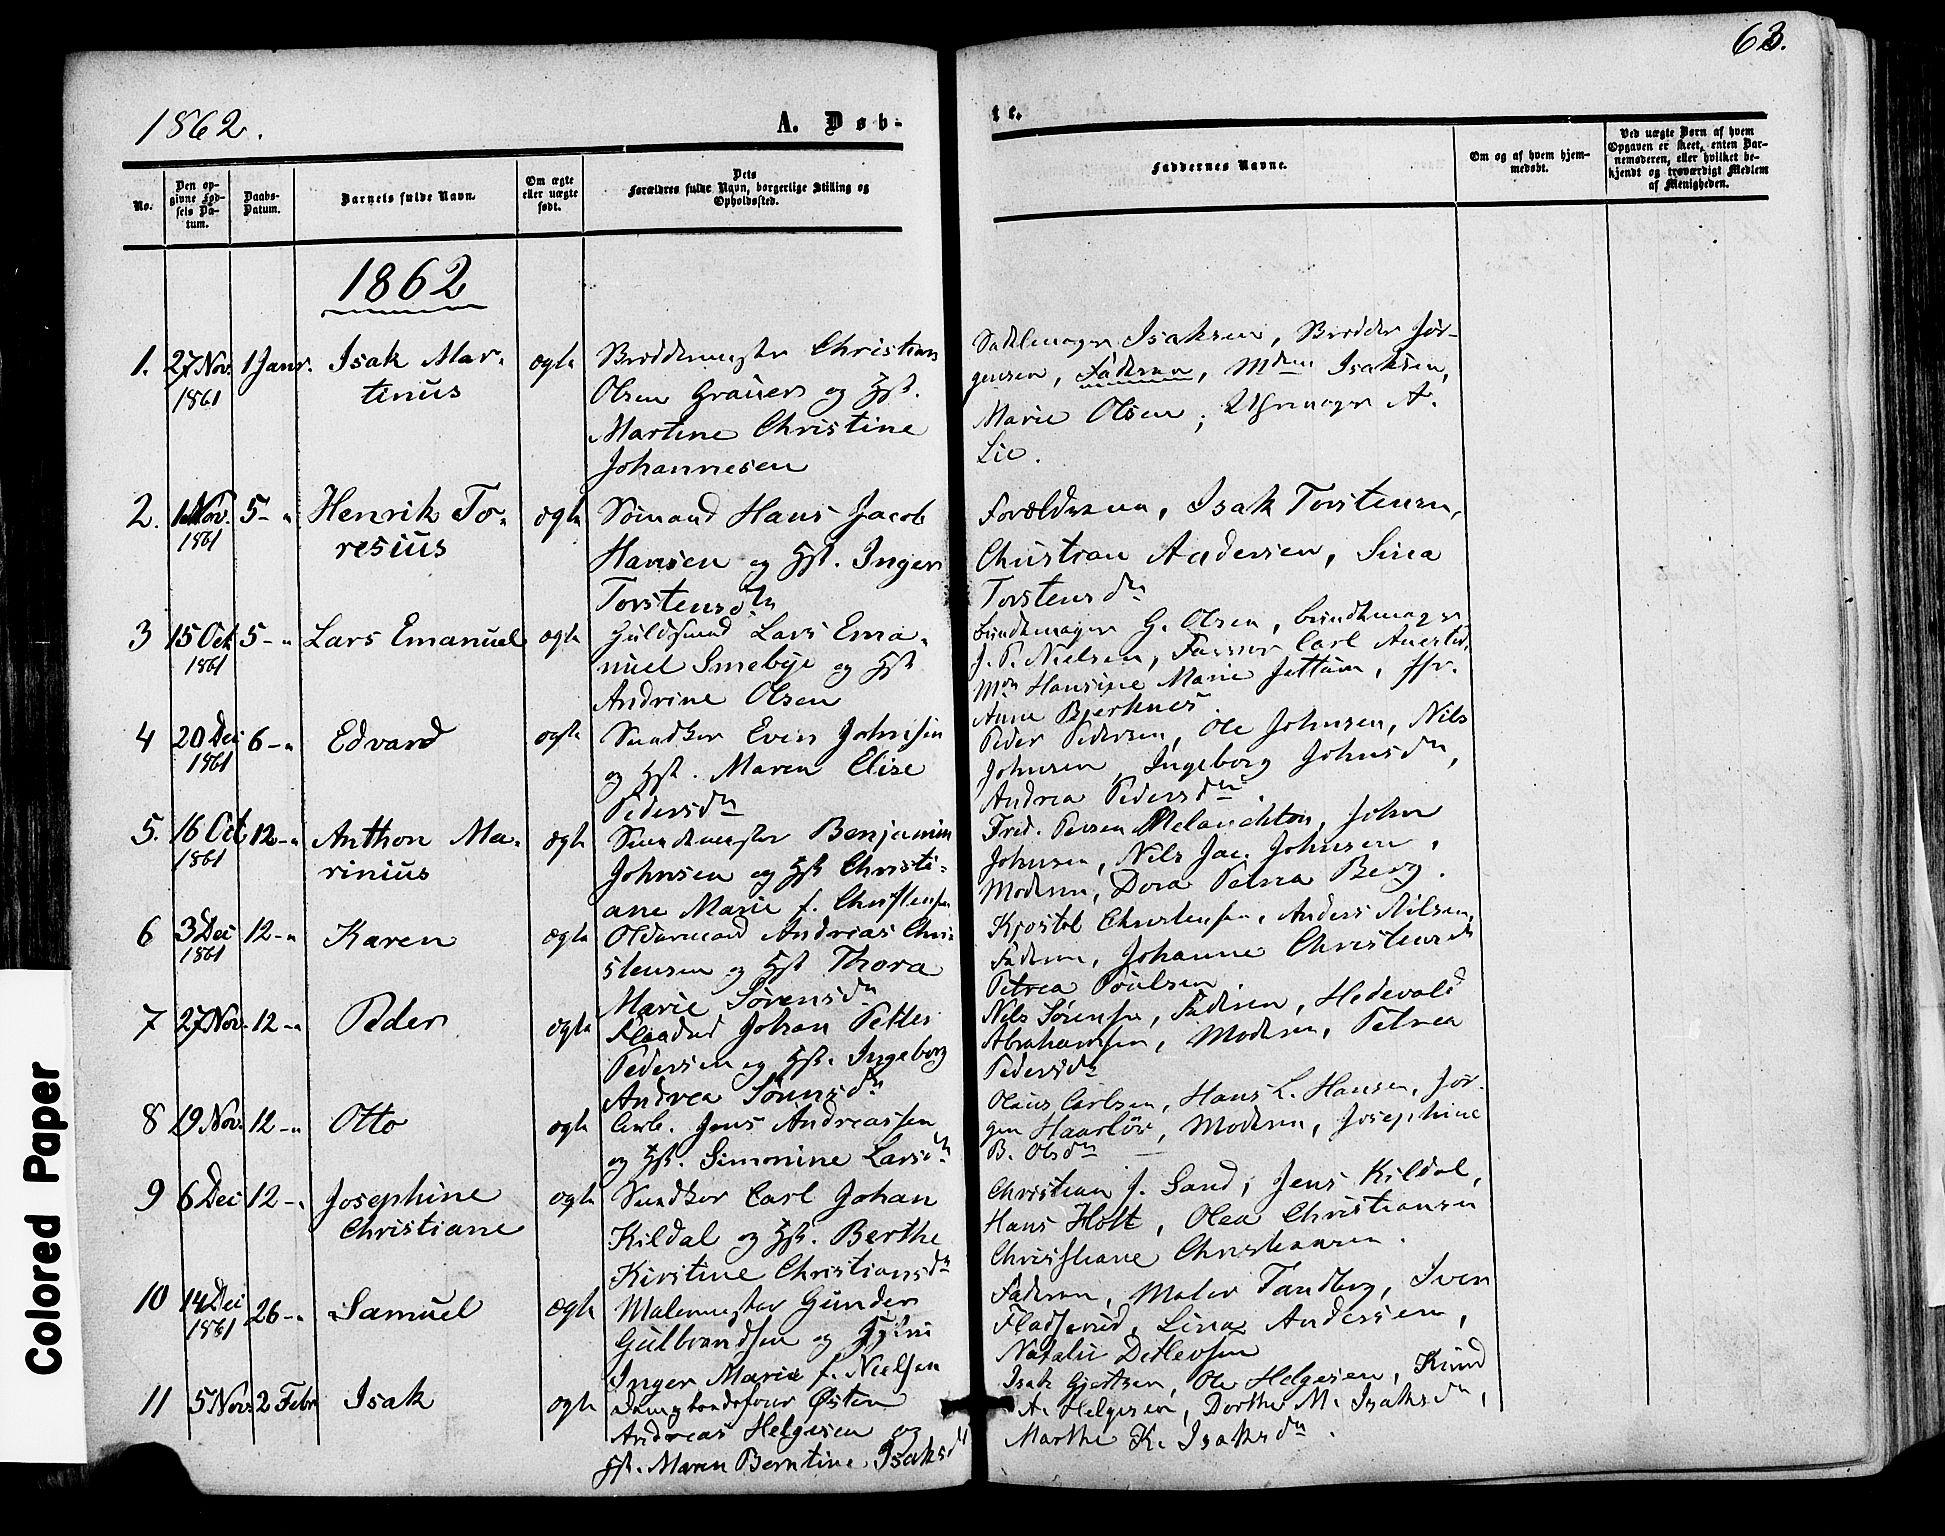 SAKO, Skien kirkebøker, F/Fa/L0007: Ministerialbok nr. 7, 1856-1865, s. 63